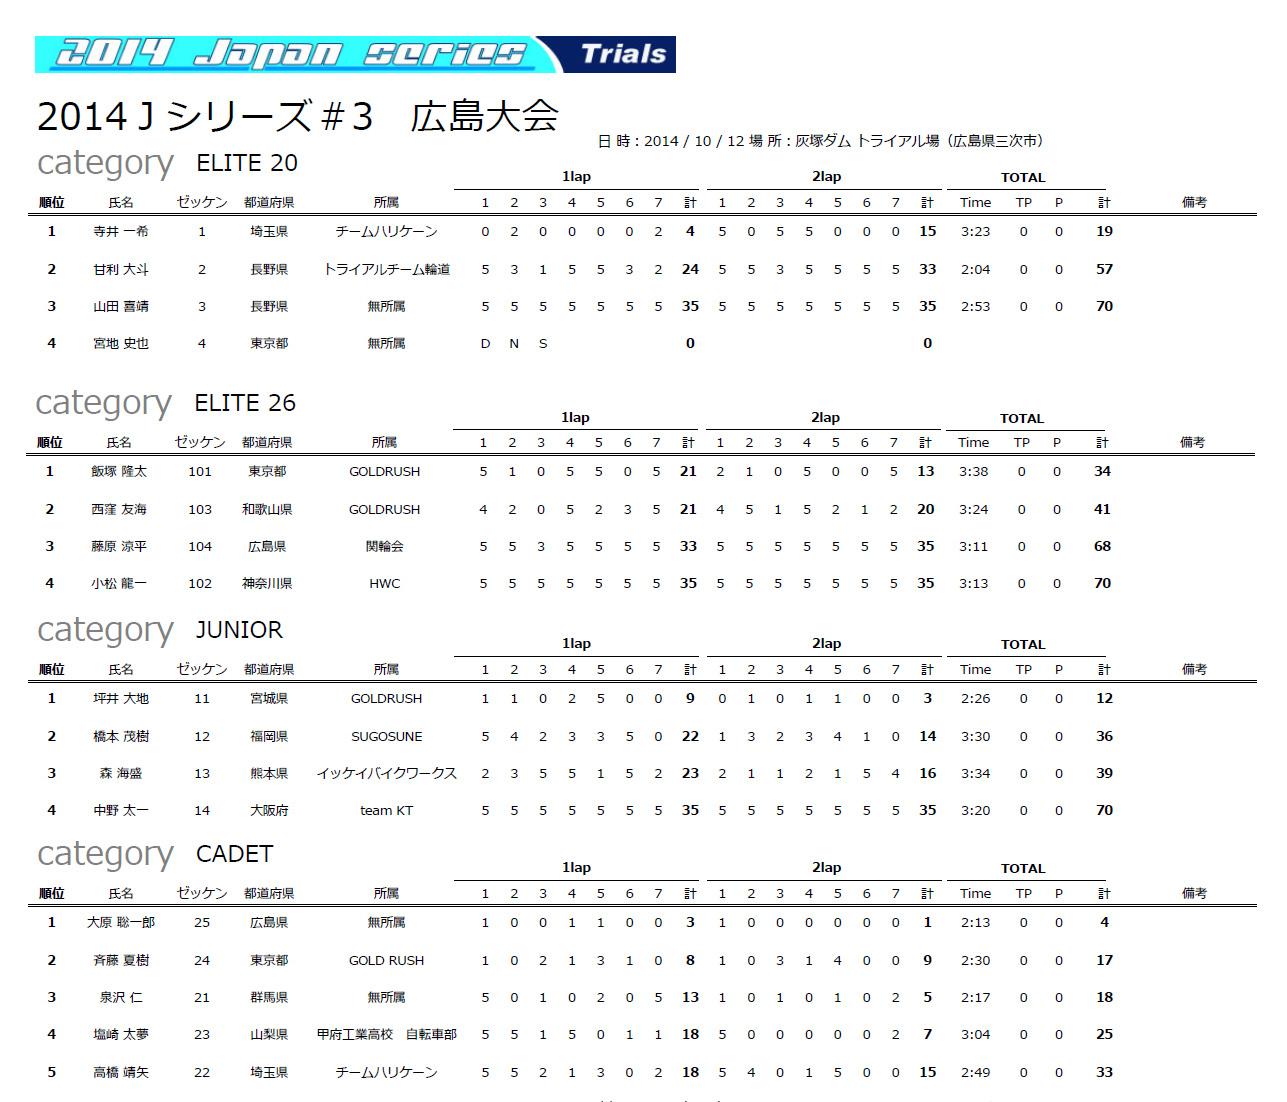 Result_2014js03_1